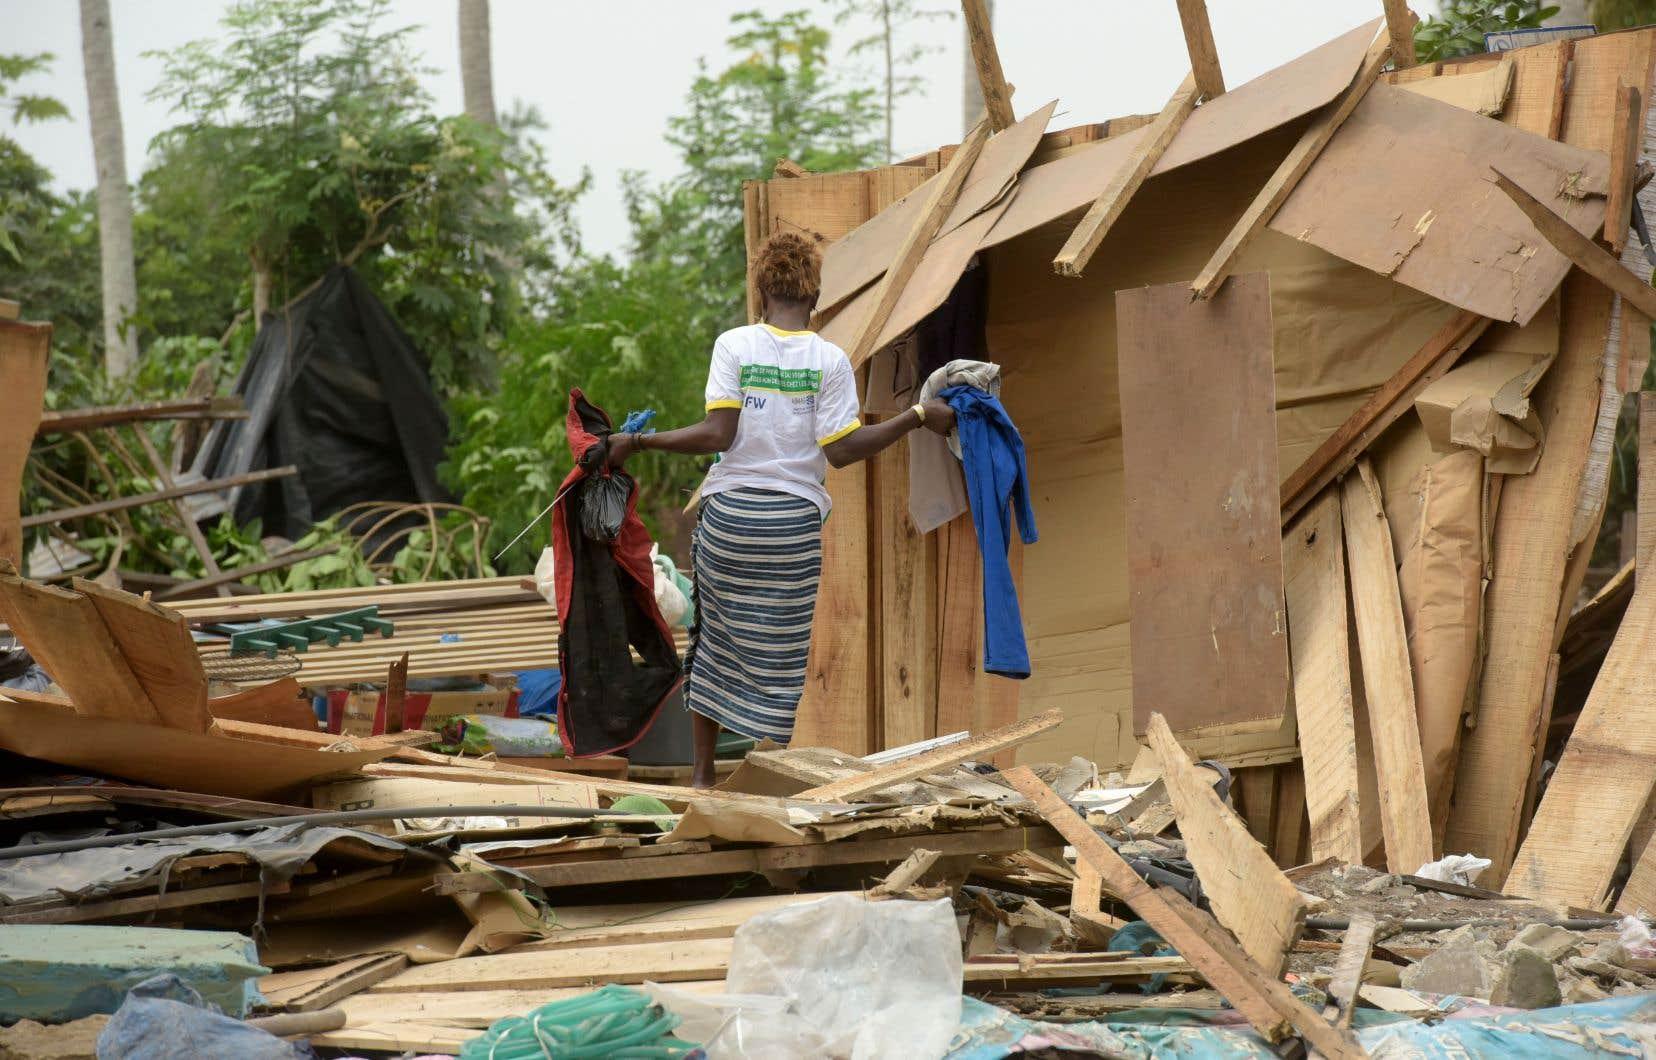 <p>Faute de systèmes de protection sociale, les pays les plus pauvres seraient davantage touchés ainsi que les populations défavorisées, dont les femmes.</p>